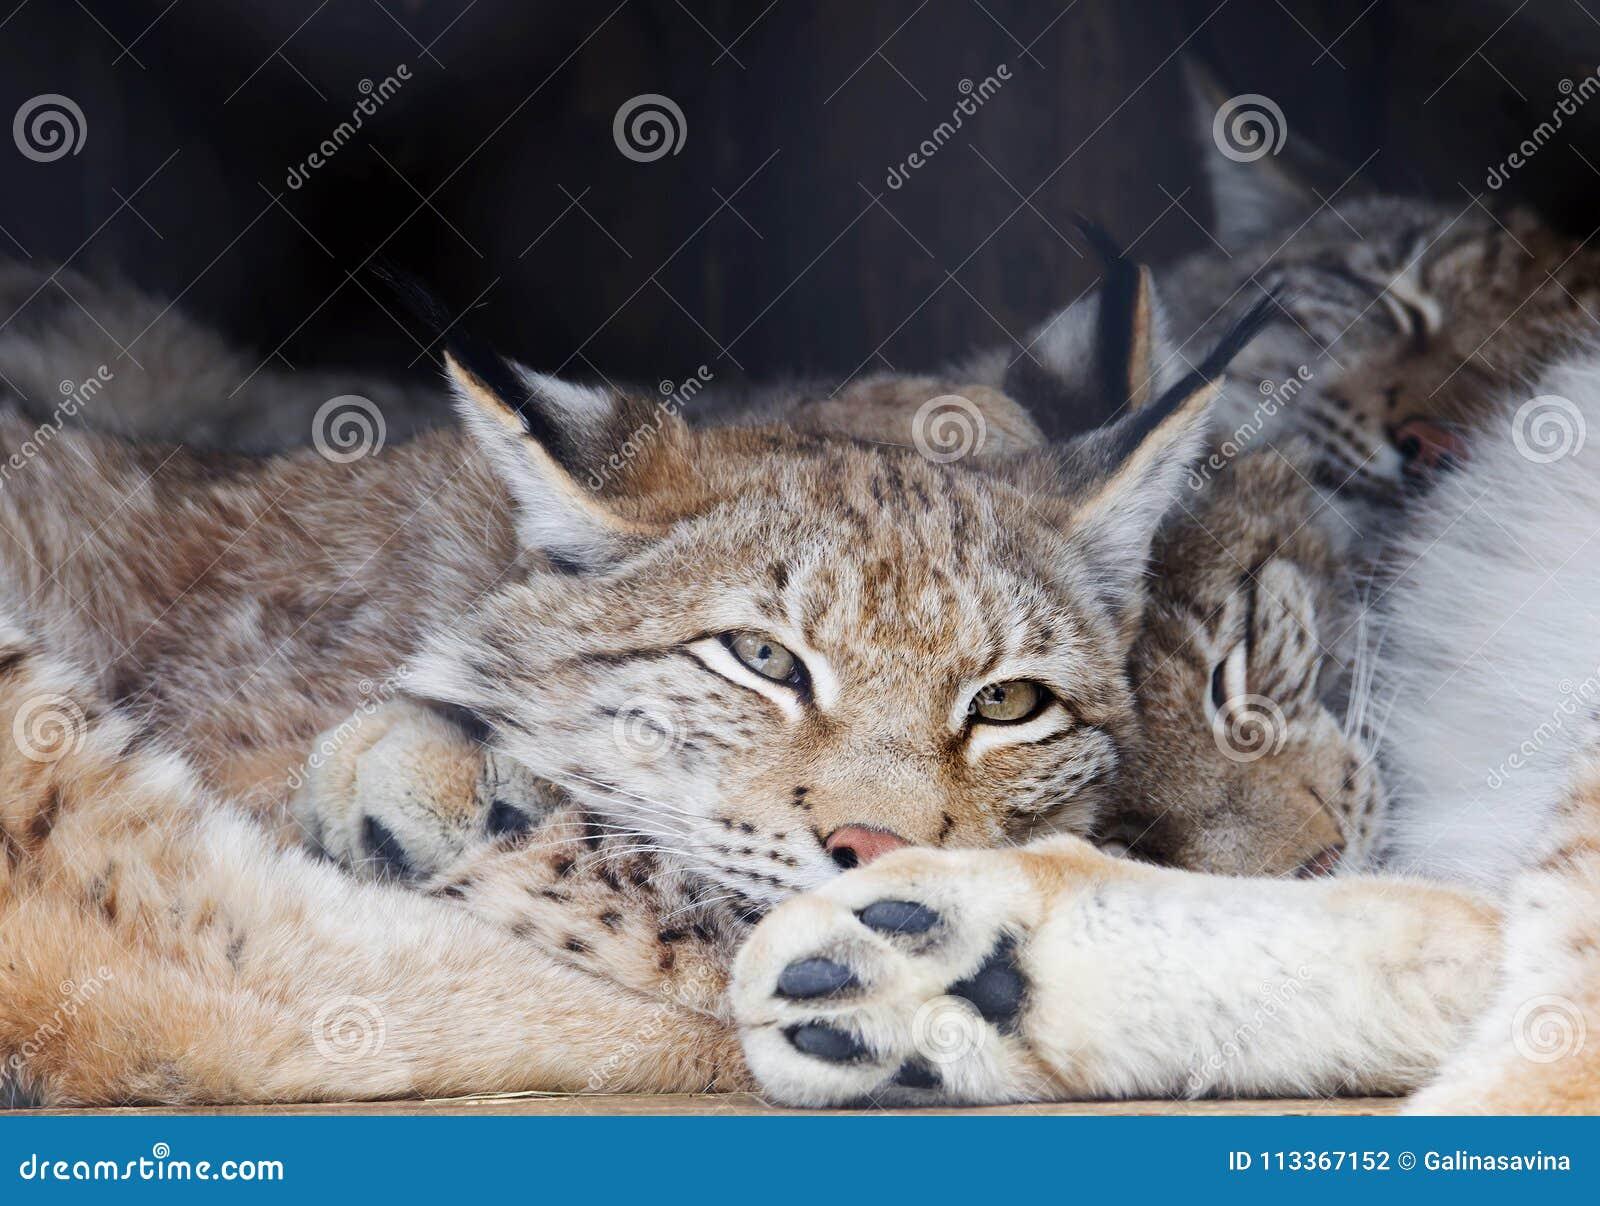 The Eurasian lynx.